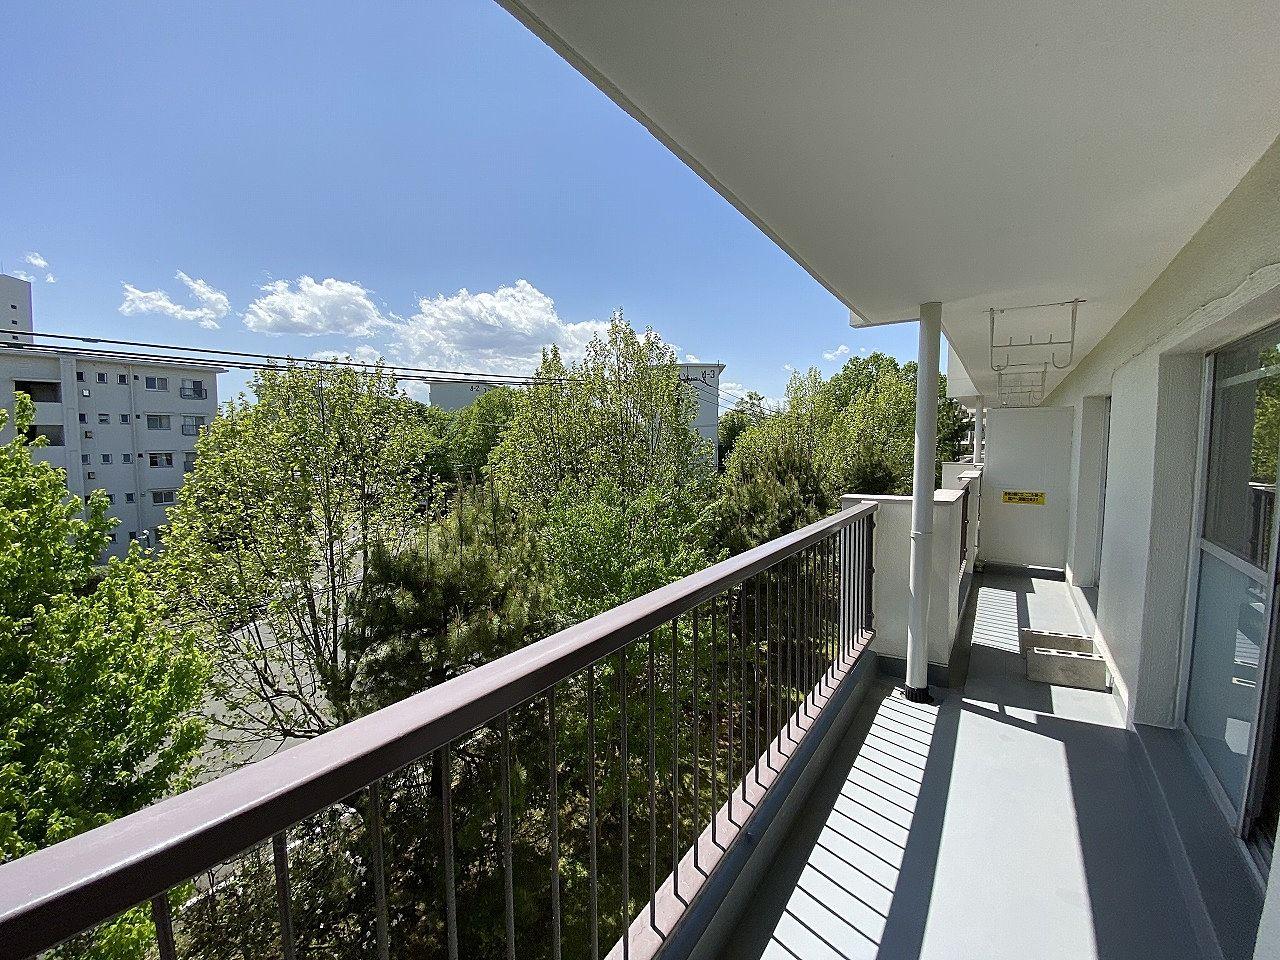 たまプラーザ団地のバルコニーからの眺望です。